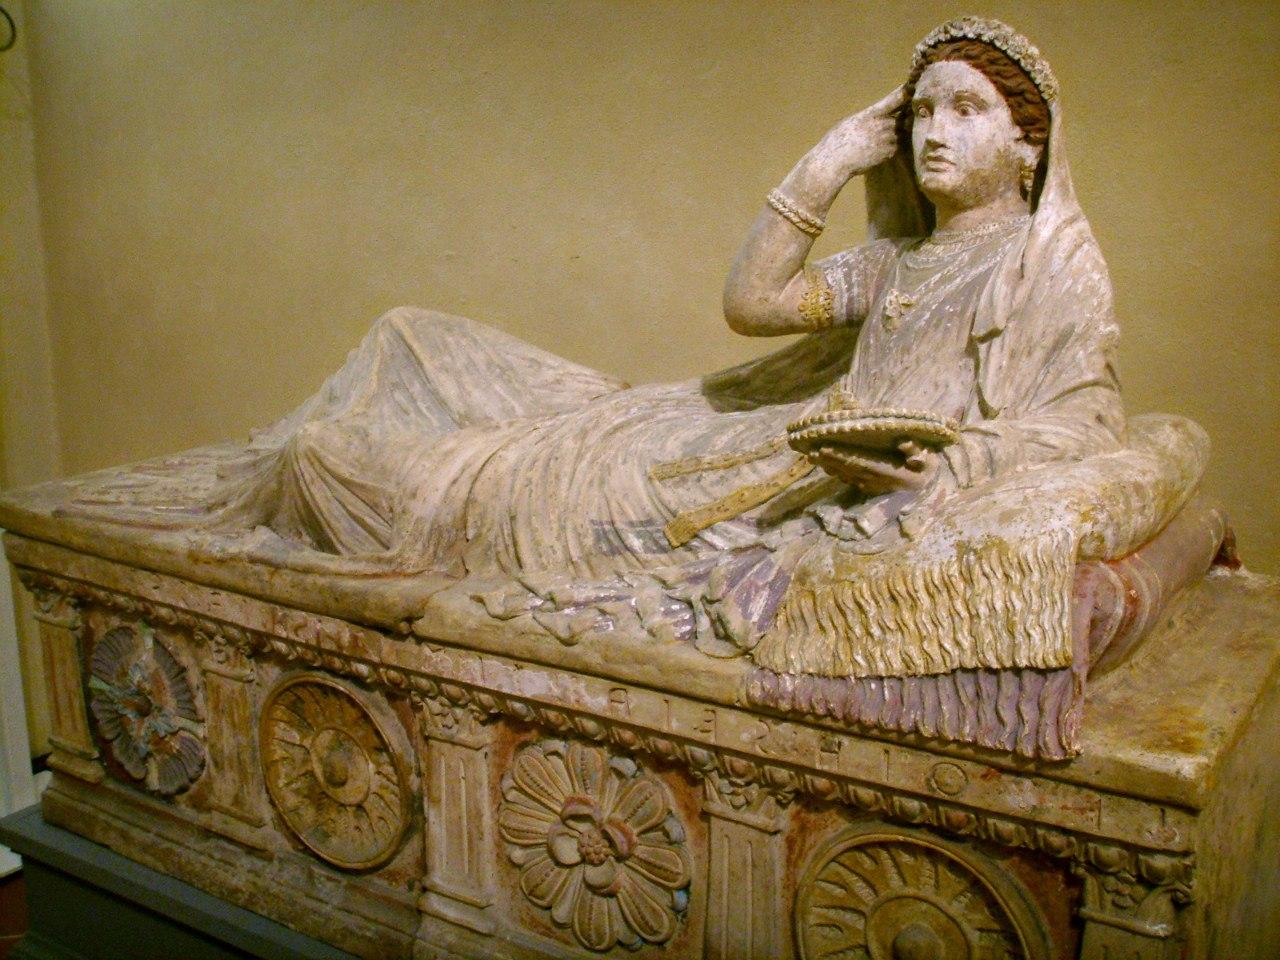 Билеты в Археологический музей во Флоренции Билеты в Археологический музей во Флоренции arkheologicheskiy muzey florentsiya